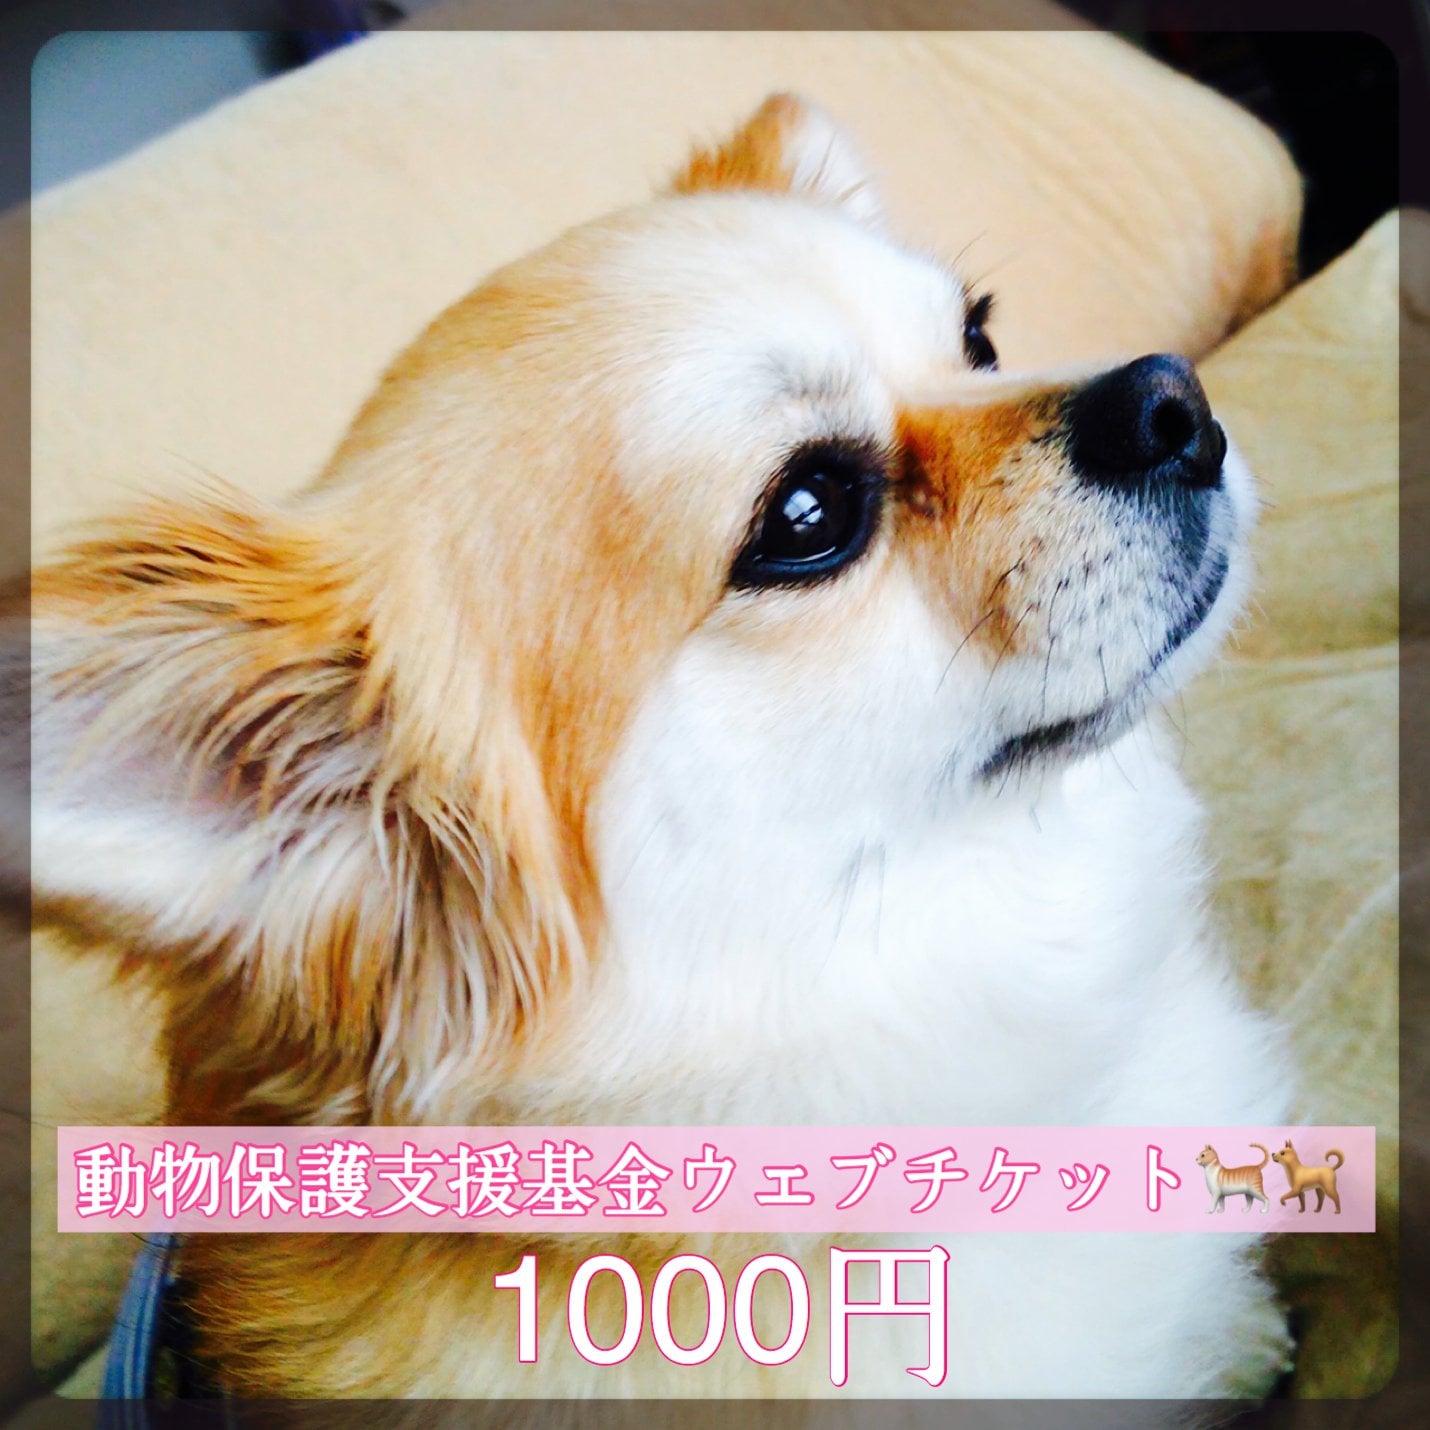 ワンちゃんネコちゃんを守る為の動物保護支援基金1000円ウェブチケットのイメージその1